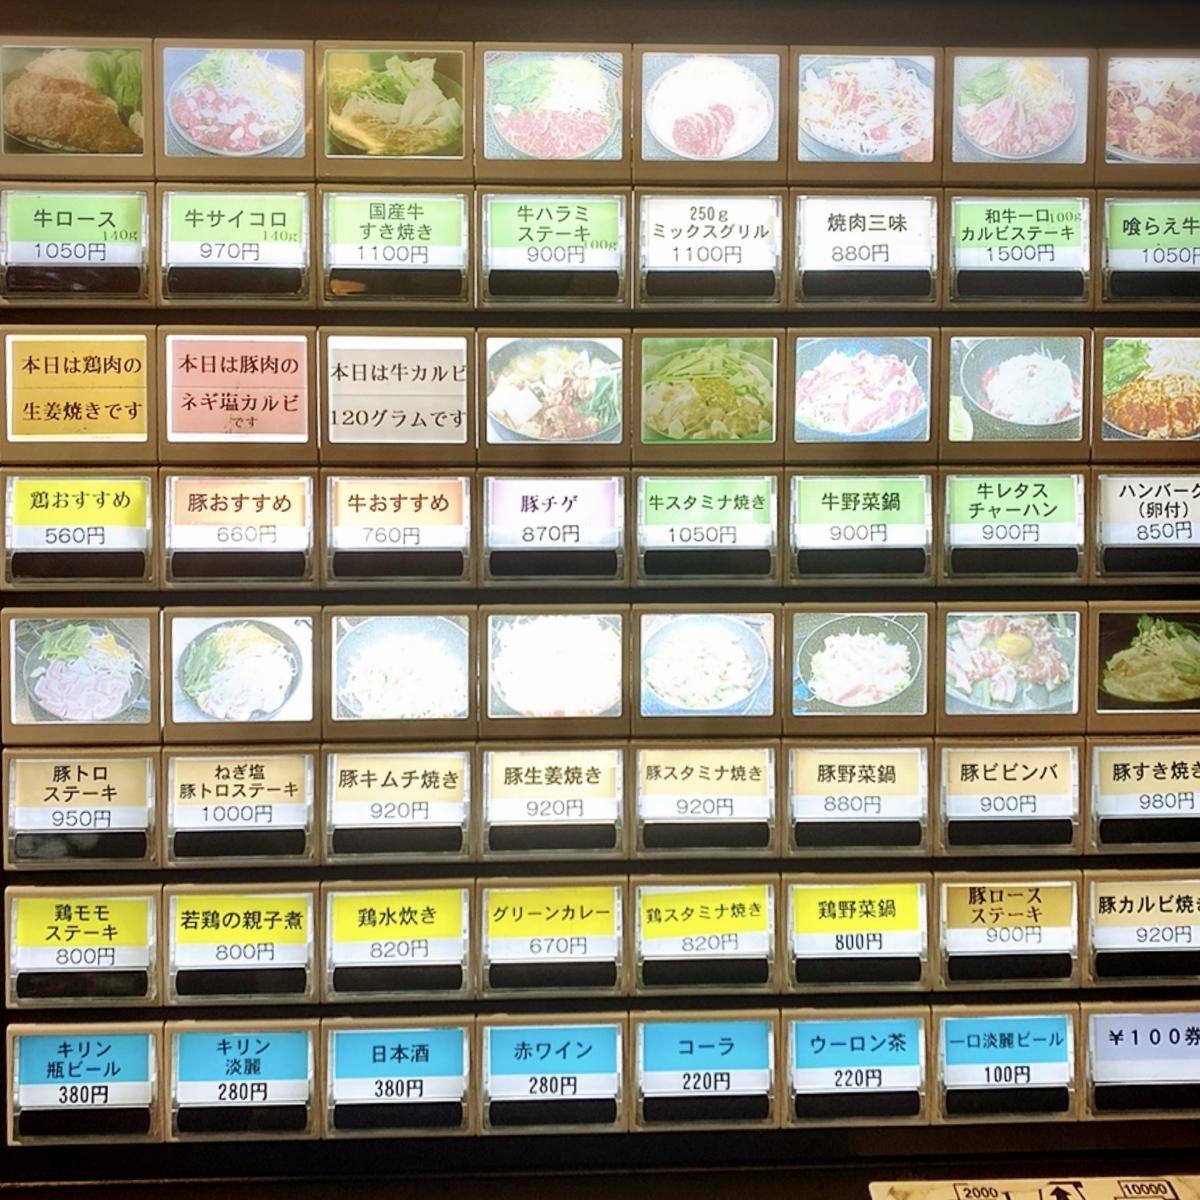 「肉屋の正直な食堂 新宿御苑店」のメニューと値段1